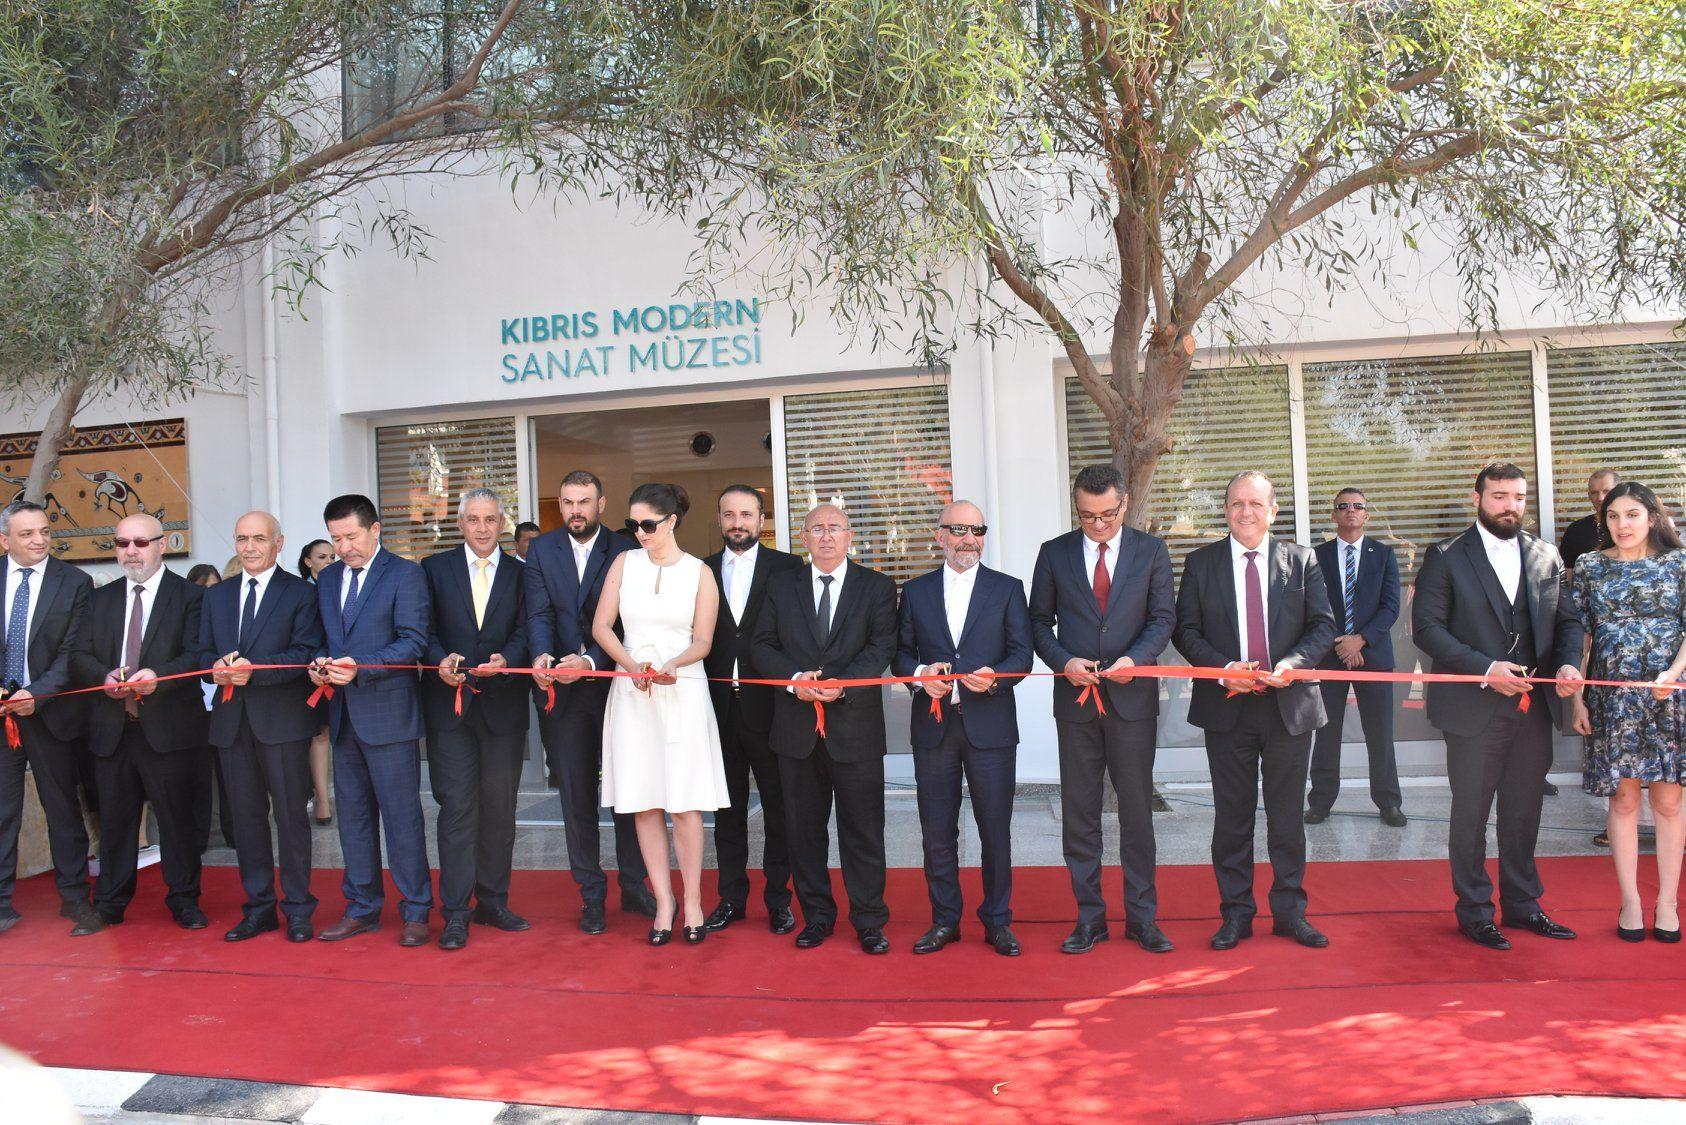 На Кипре открылся музей современного искусства